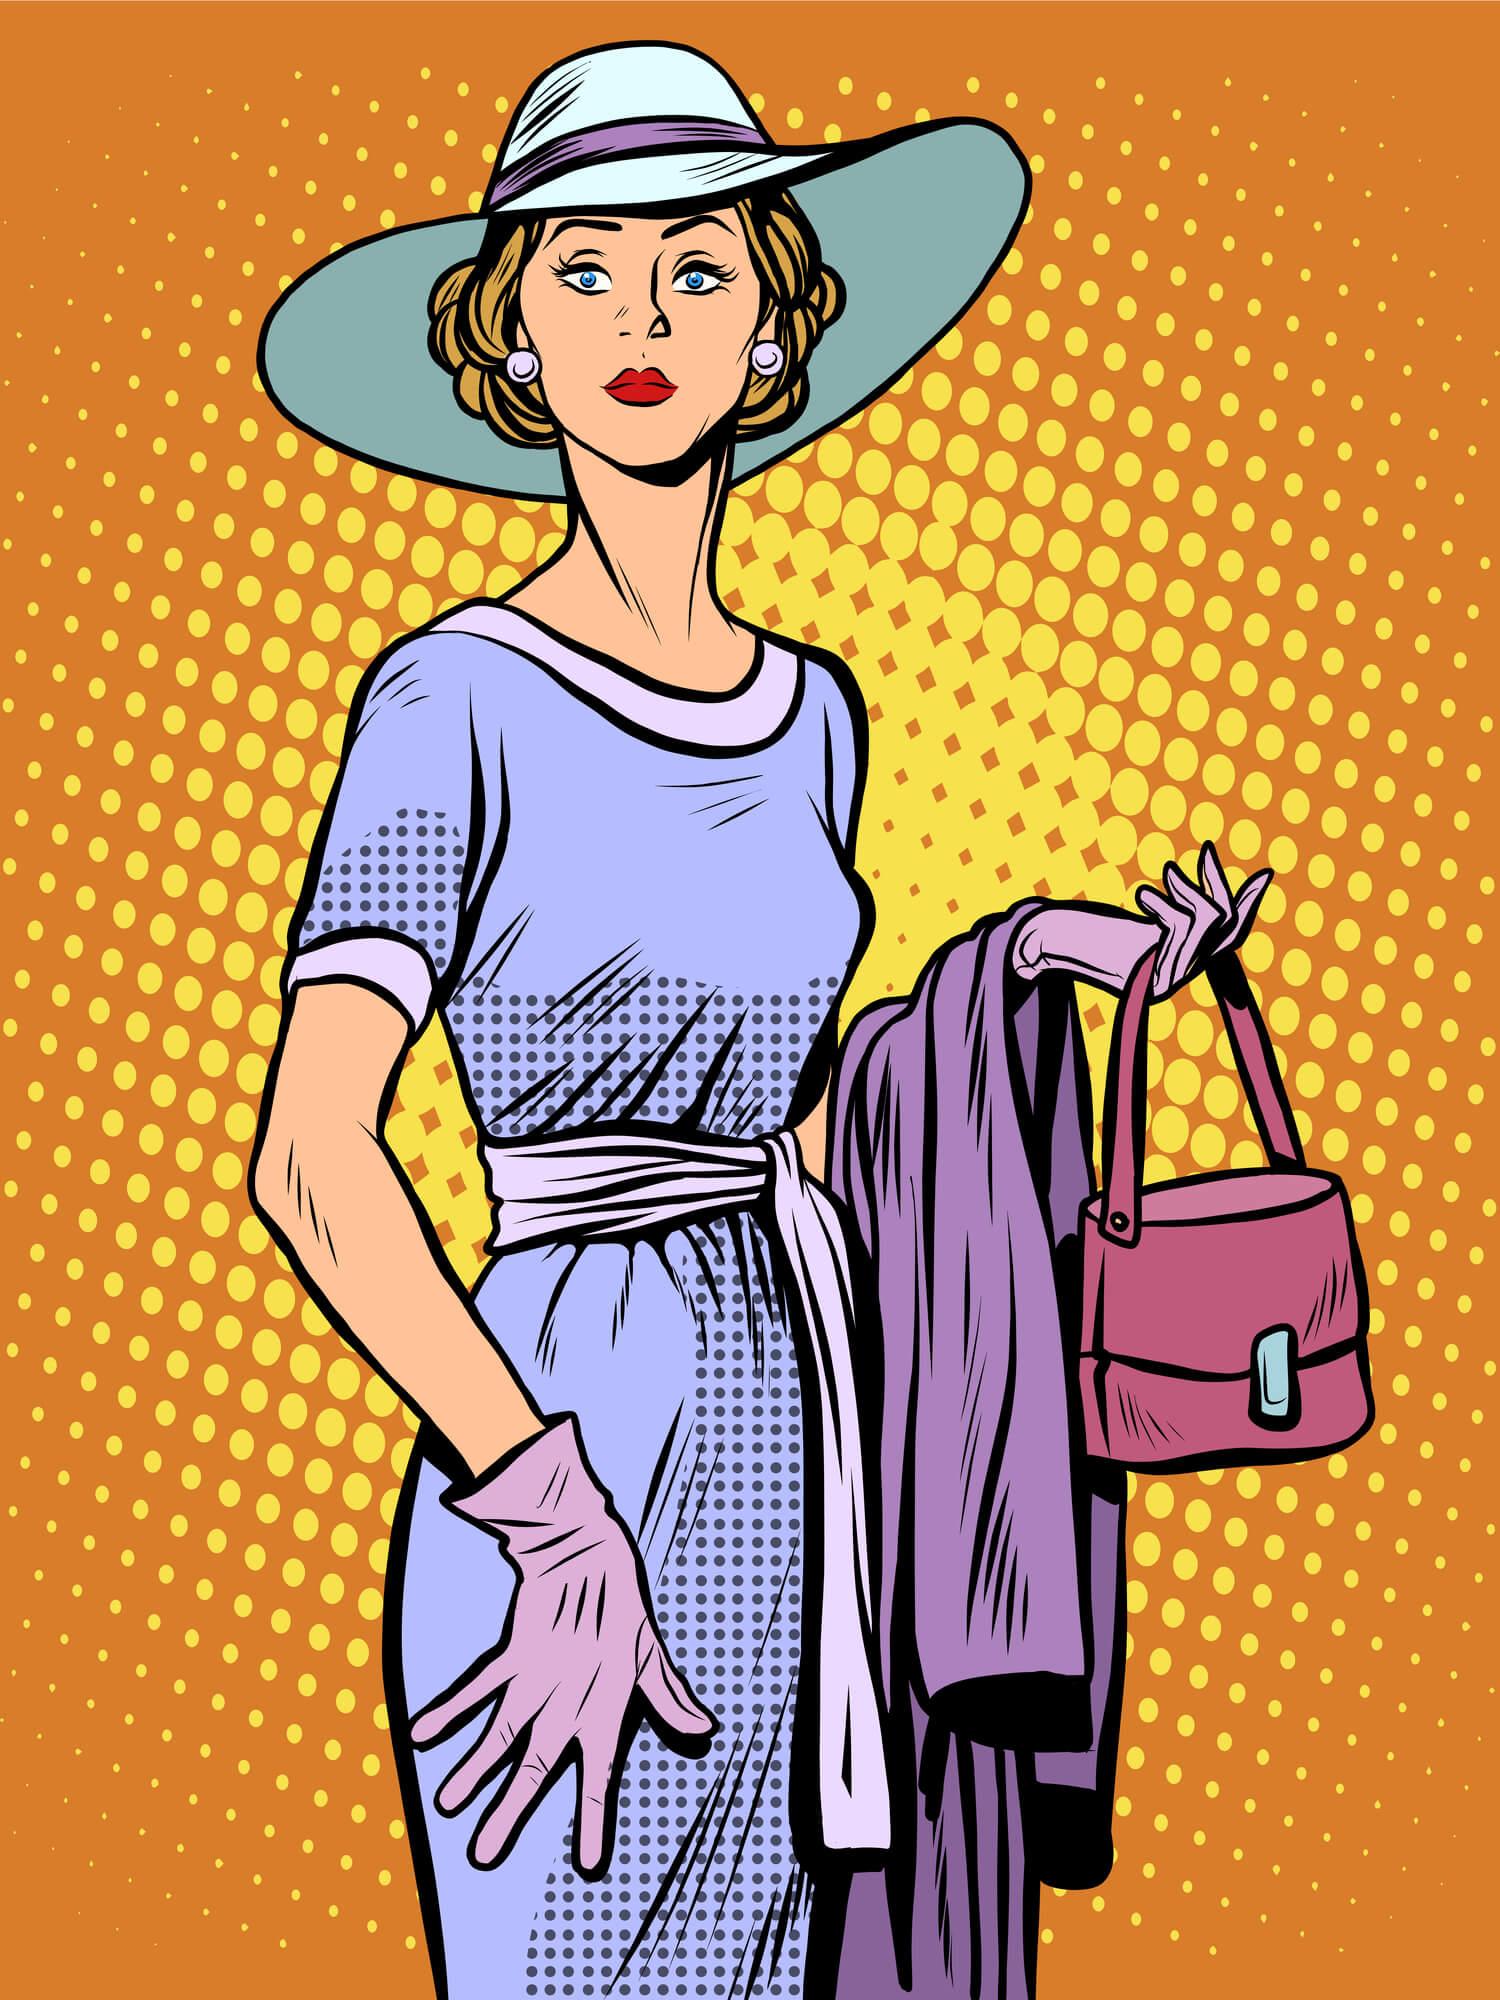 1枚での着用なら袖ありドレスをレンタル 50代ミセスに人気の高いフォーマルデザイン